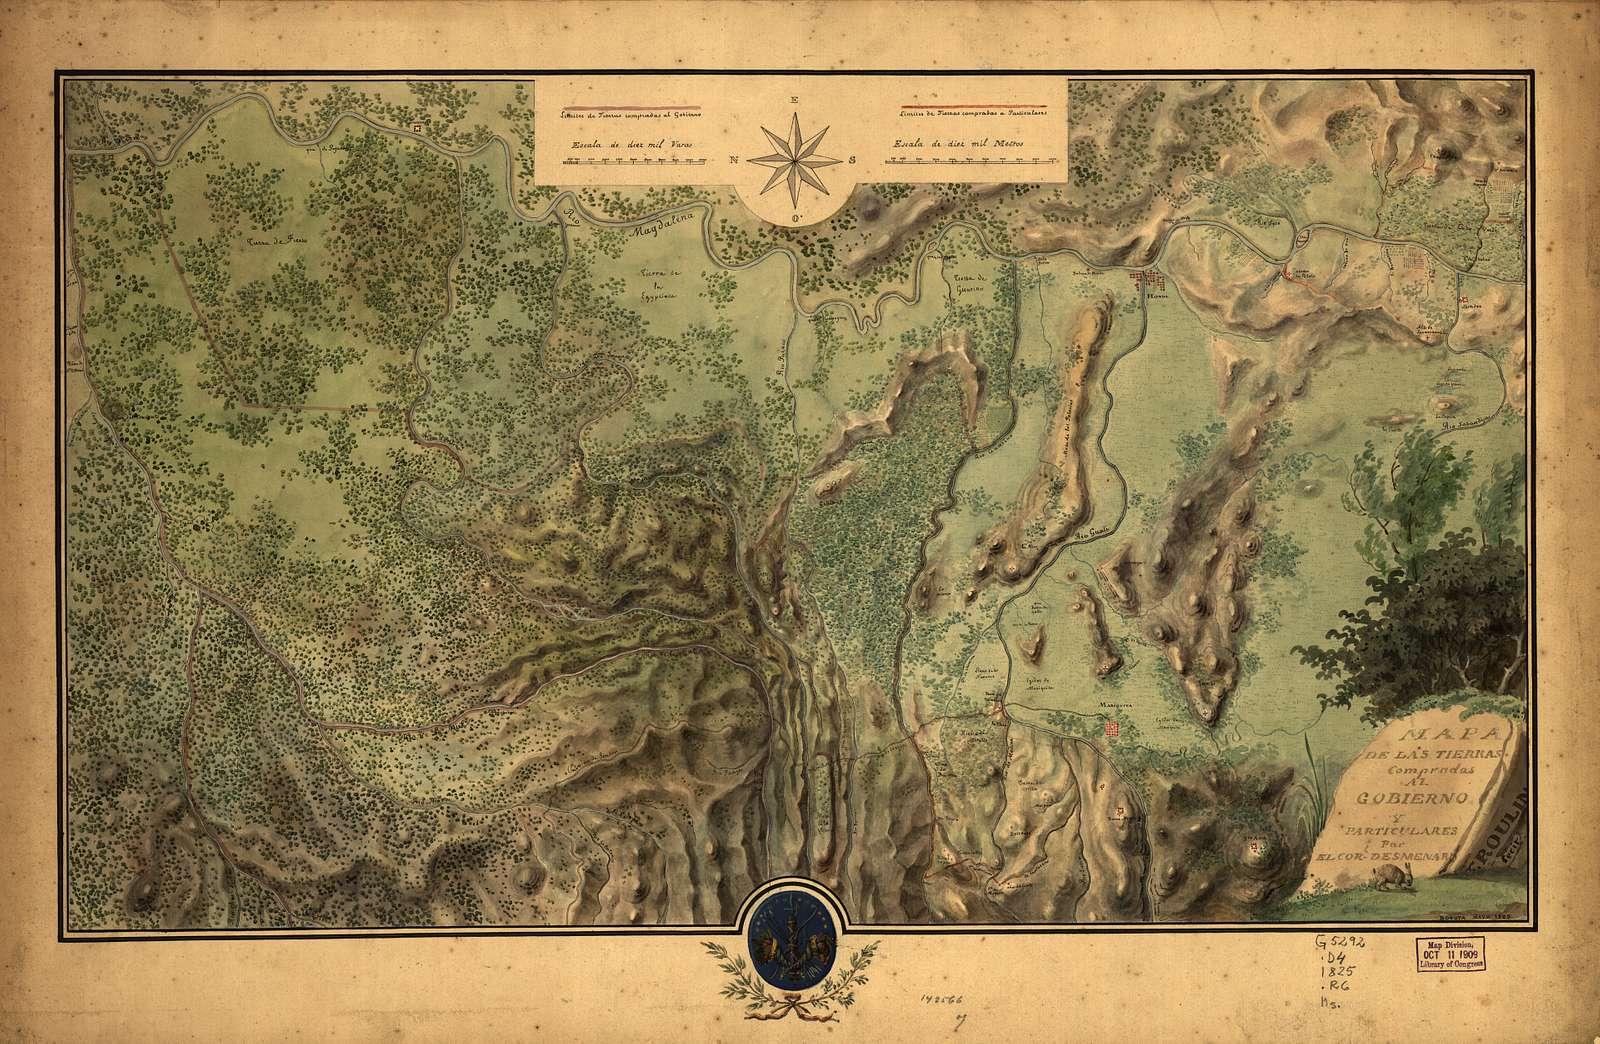 Mapa de las tierras compradas al gobierno y particulares par el Corl. Desmenaro : [región de Honda, Colombia] /